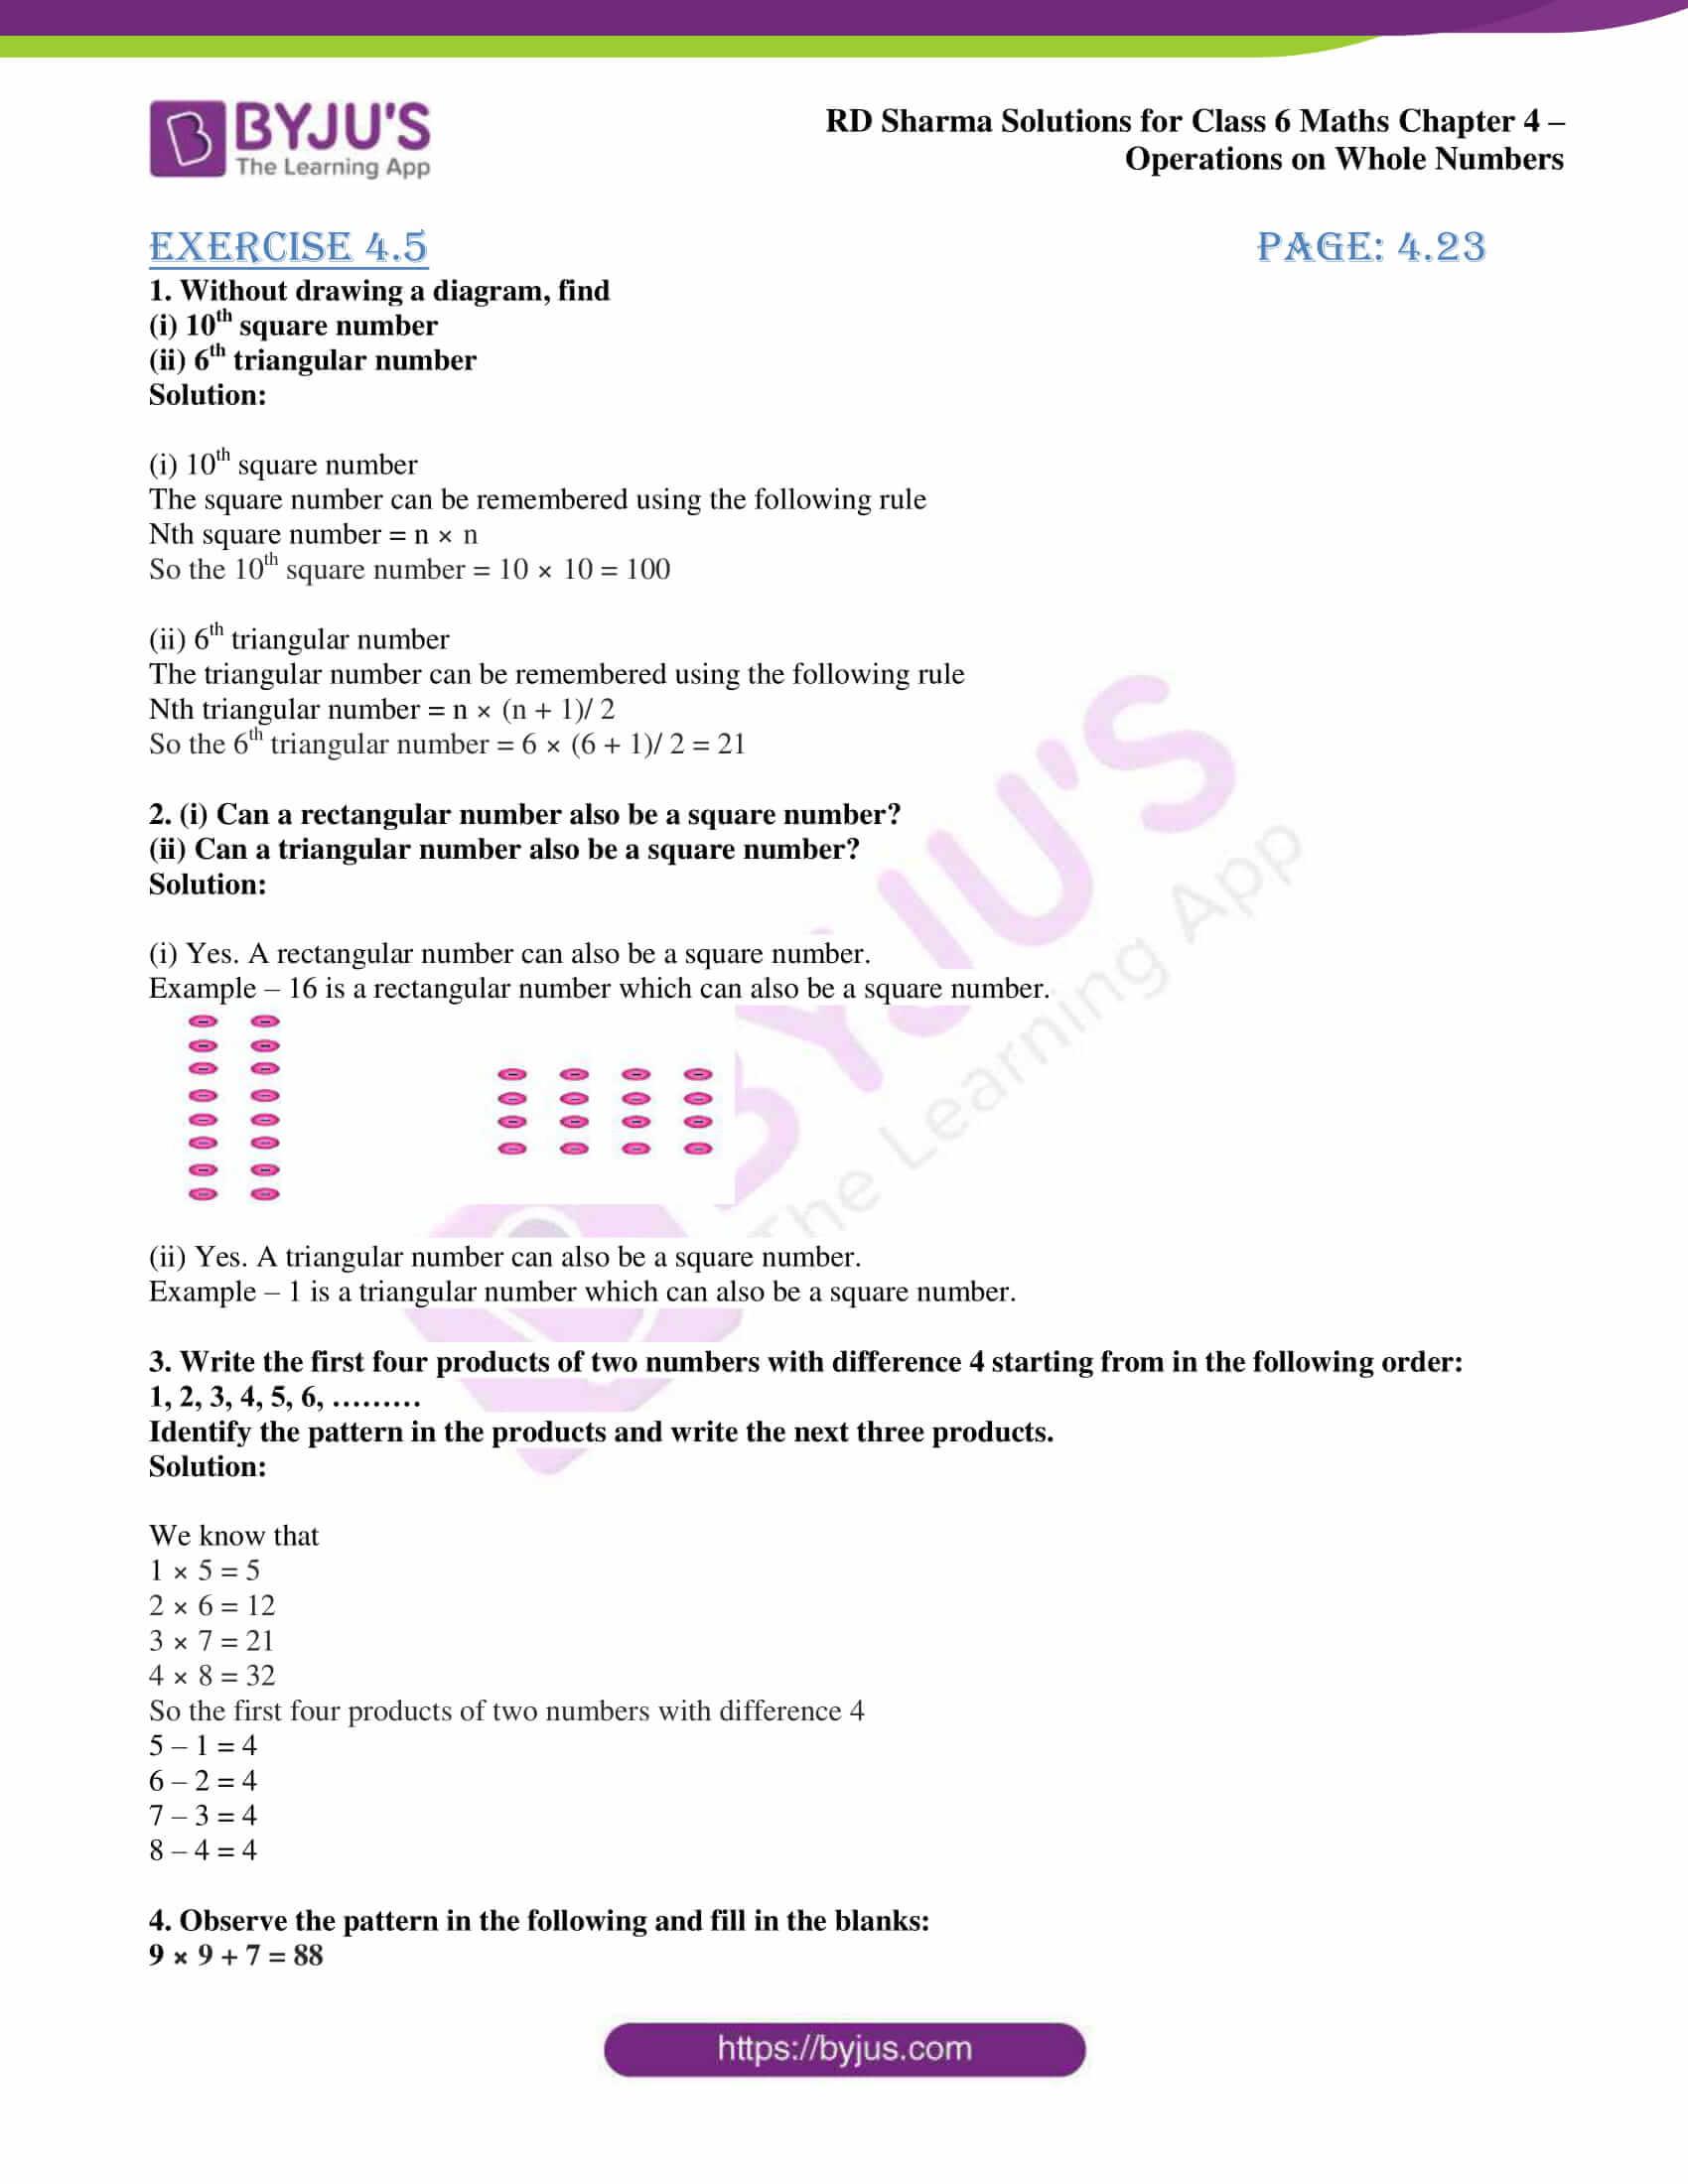 rd sharma class 6 maths solutions chapter 4 ex 5 1